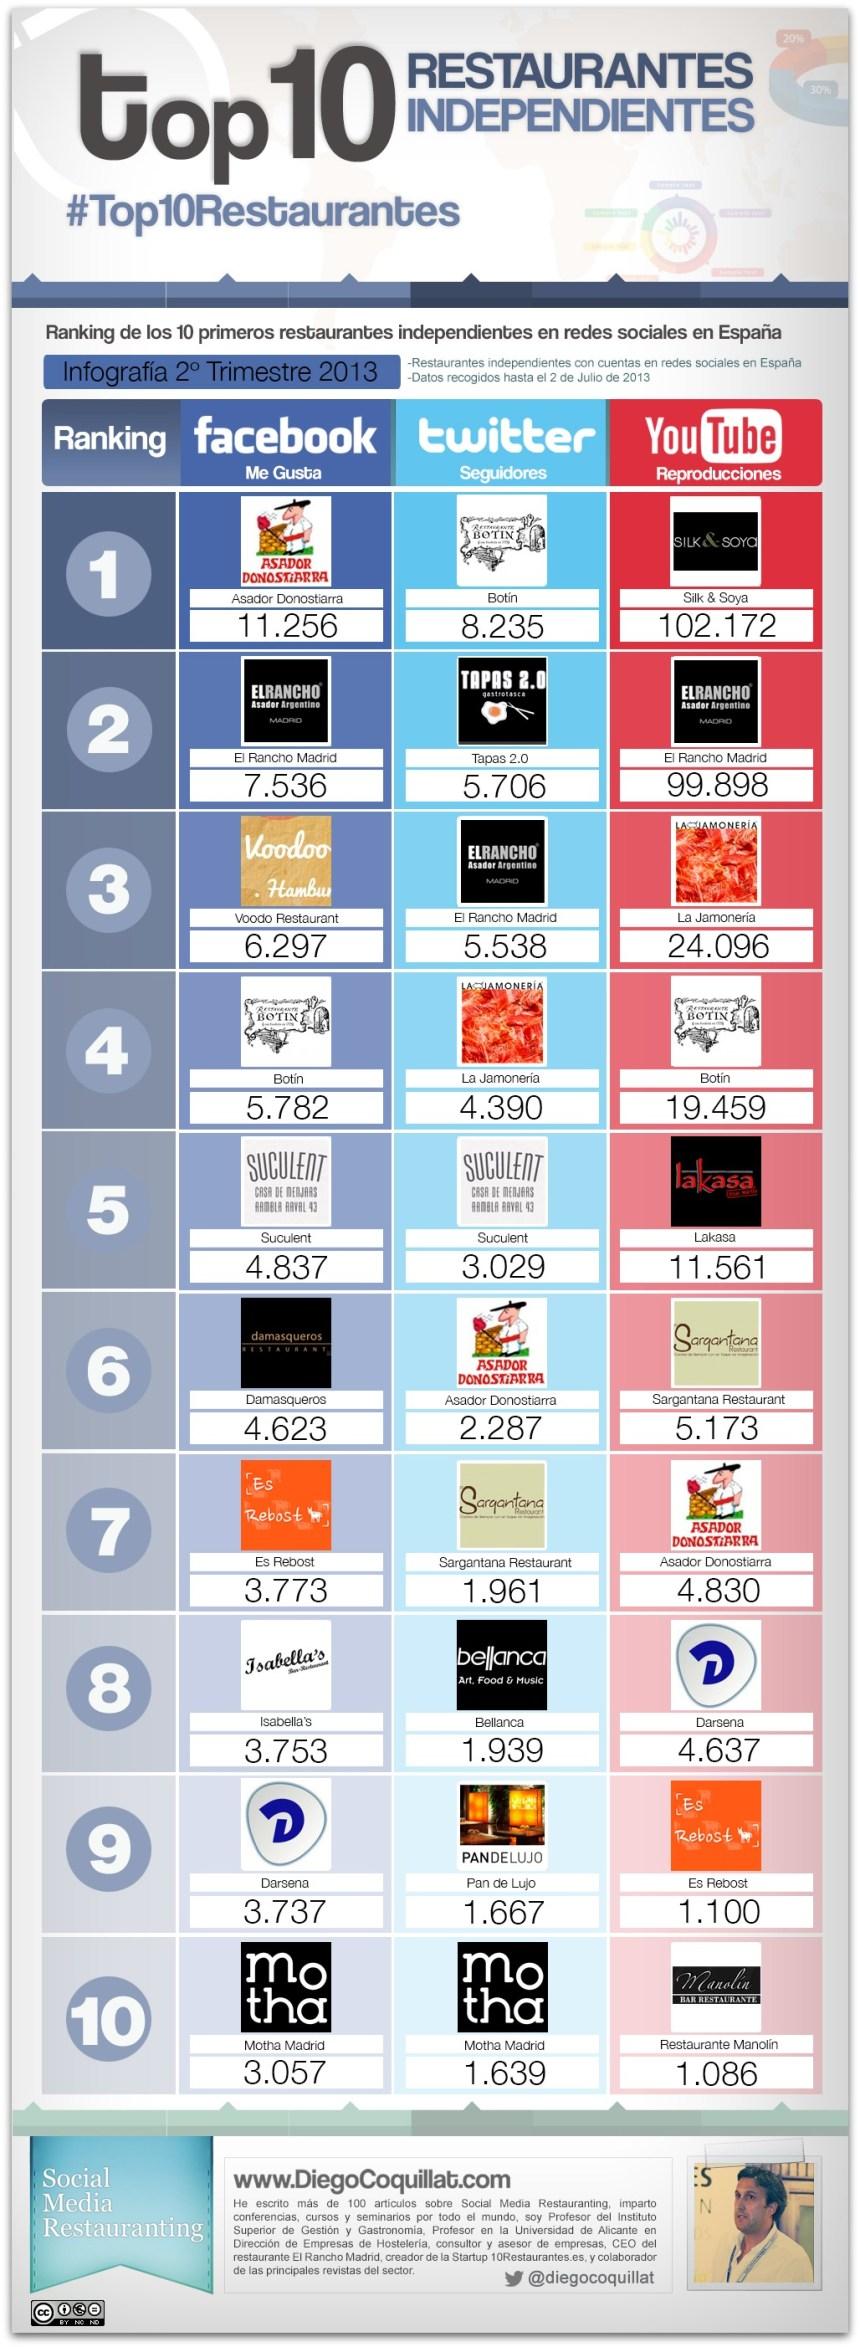 Top 10 restaurantes independientes en redes sociales España 2013 (2T)